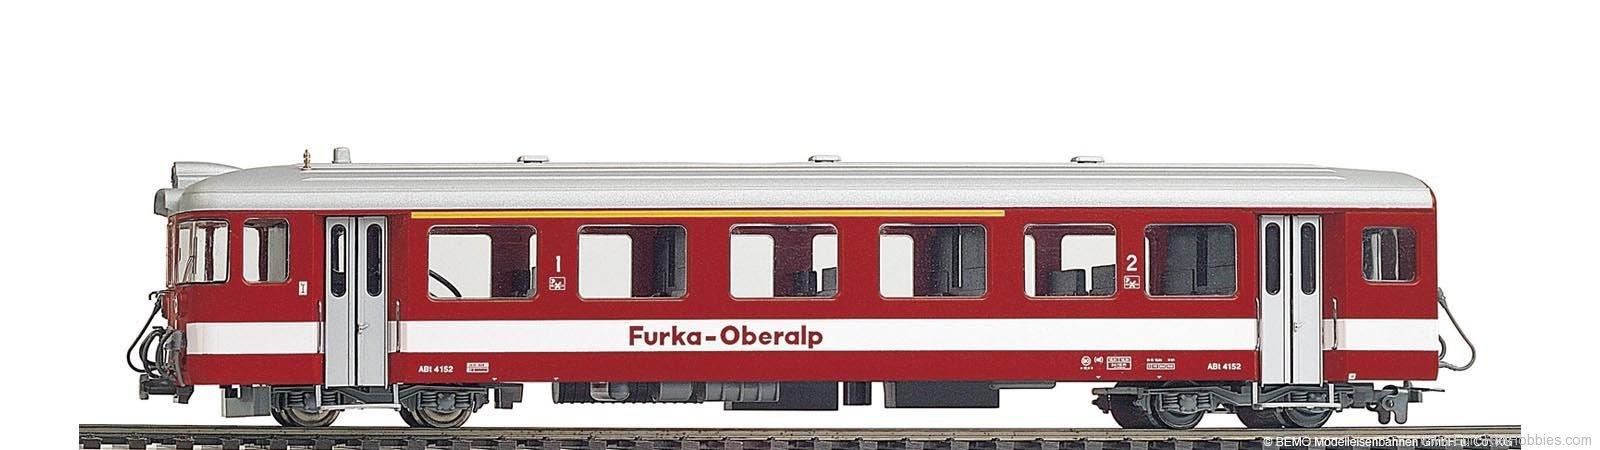 3275211 FO ABt 4151 Steuerwagen weißes Band-1